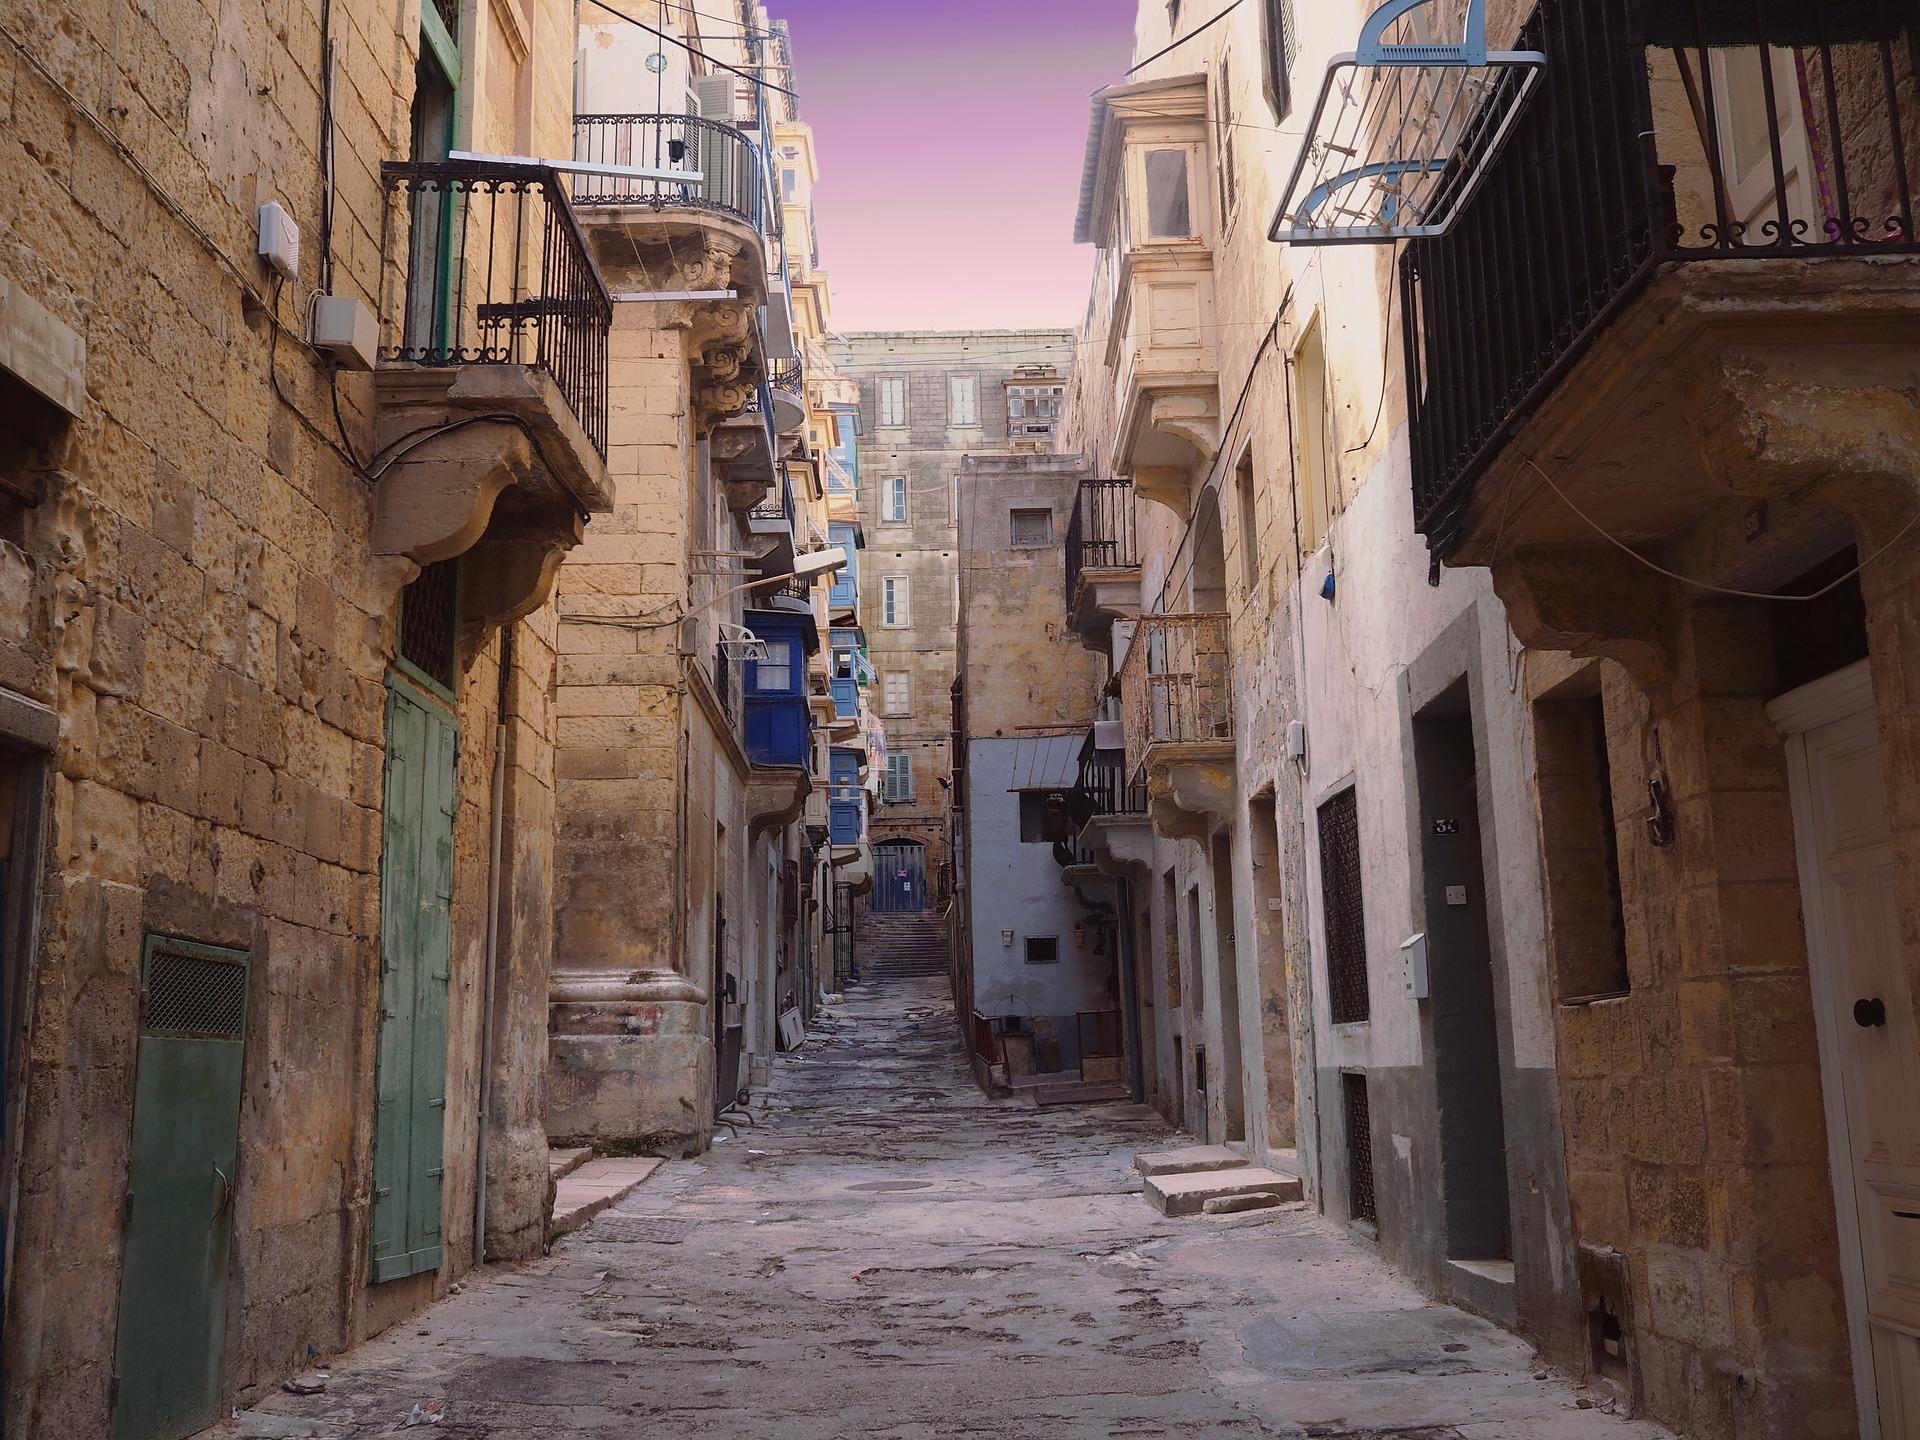 Gassen auf Malta in der Innenstadt- günstig Malt buchen